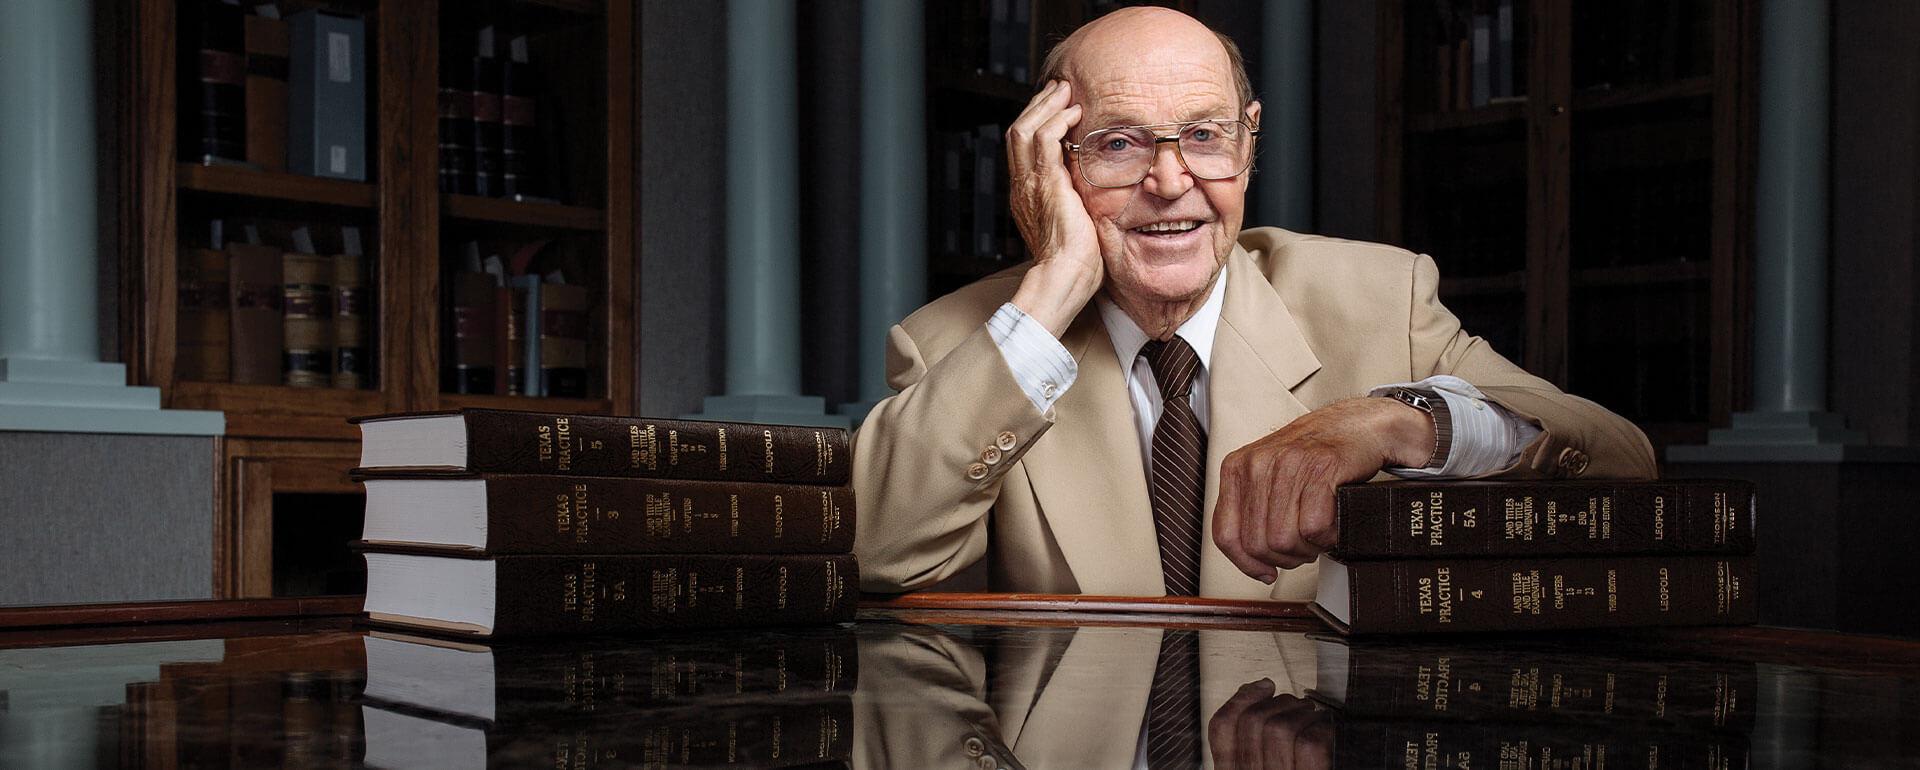 Al Leopold in the Rare Books Room.